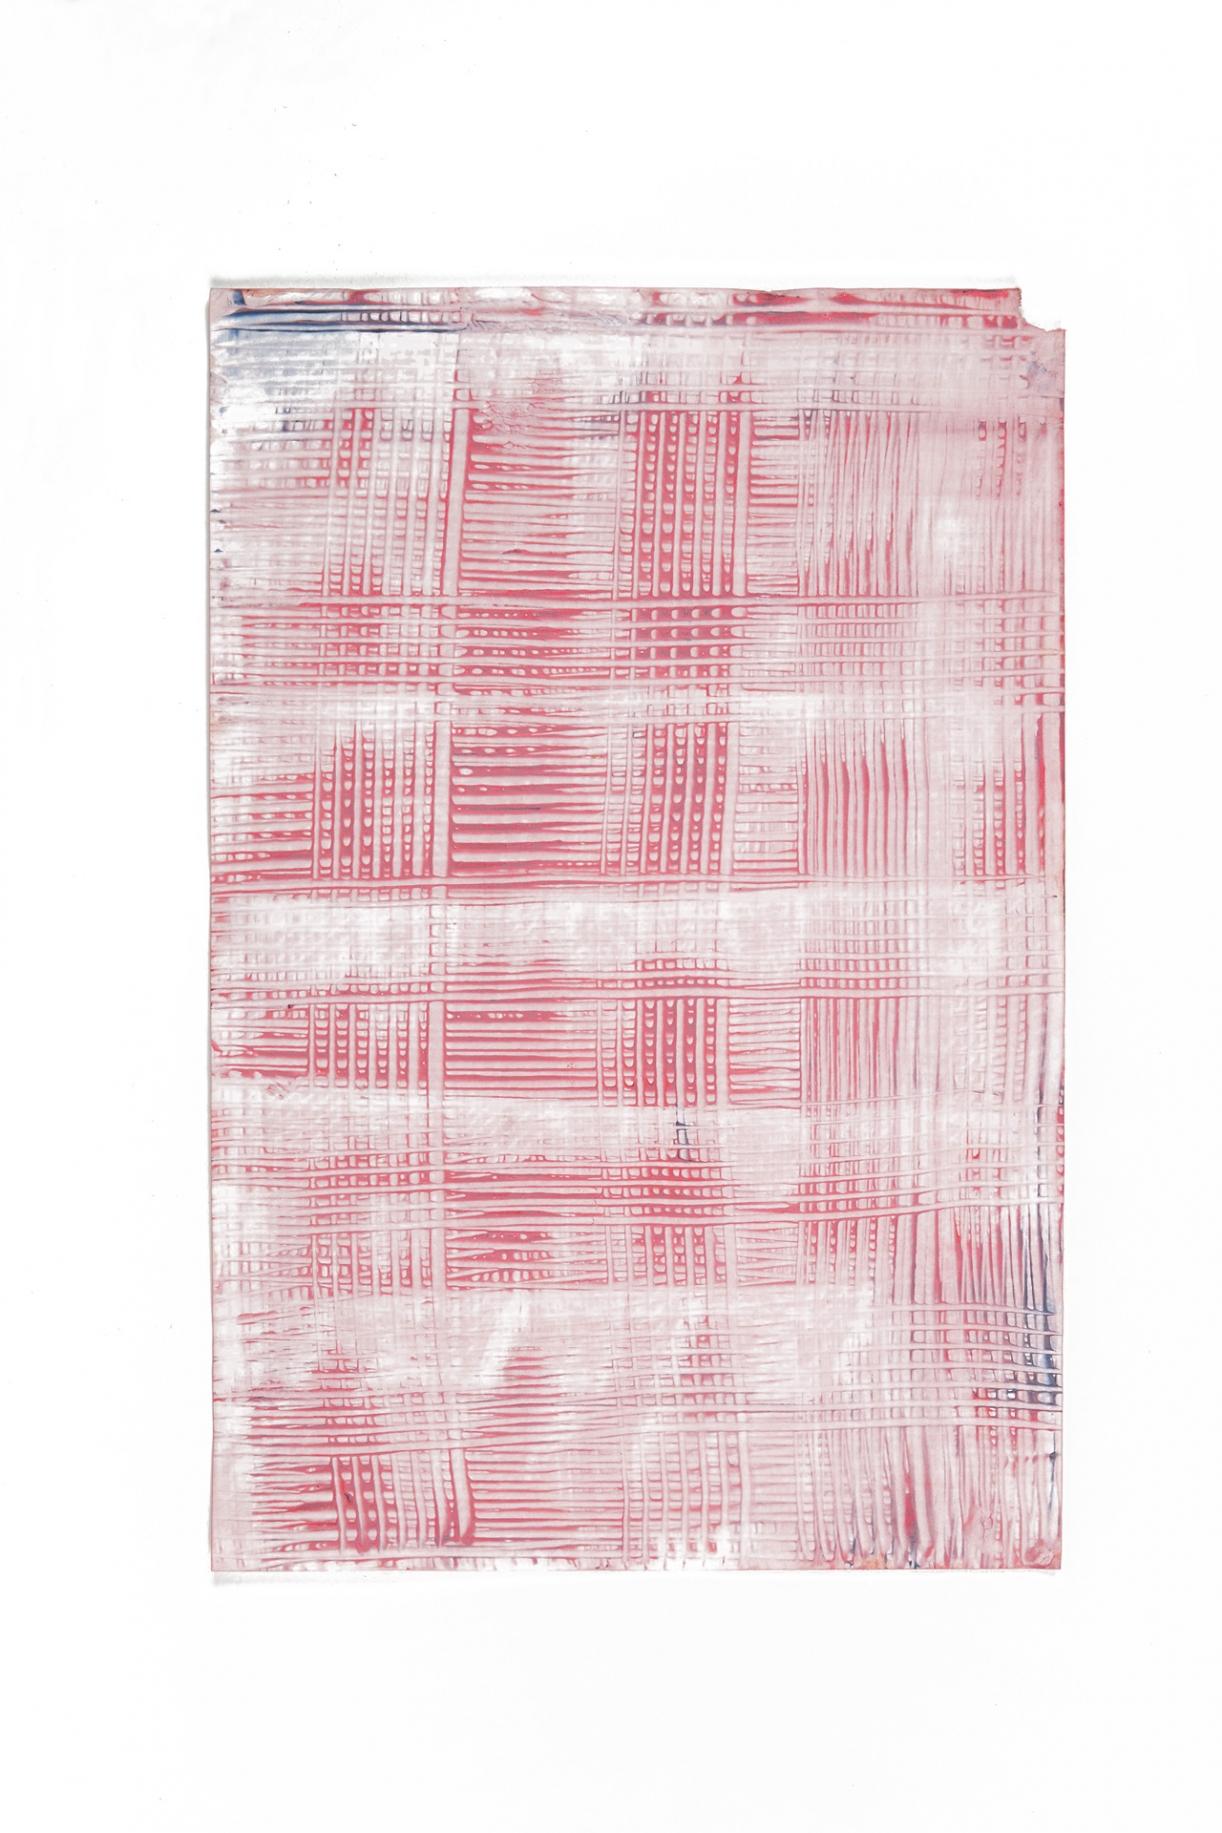 Paste Paper, Painting, 2019, paint on paper, 45 x 30.5 cm